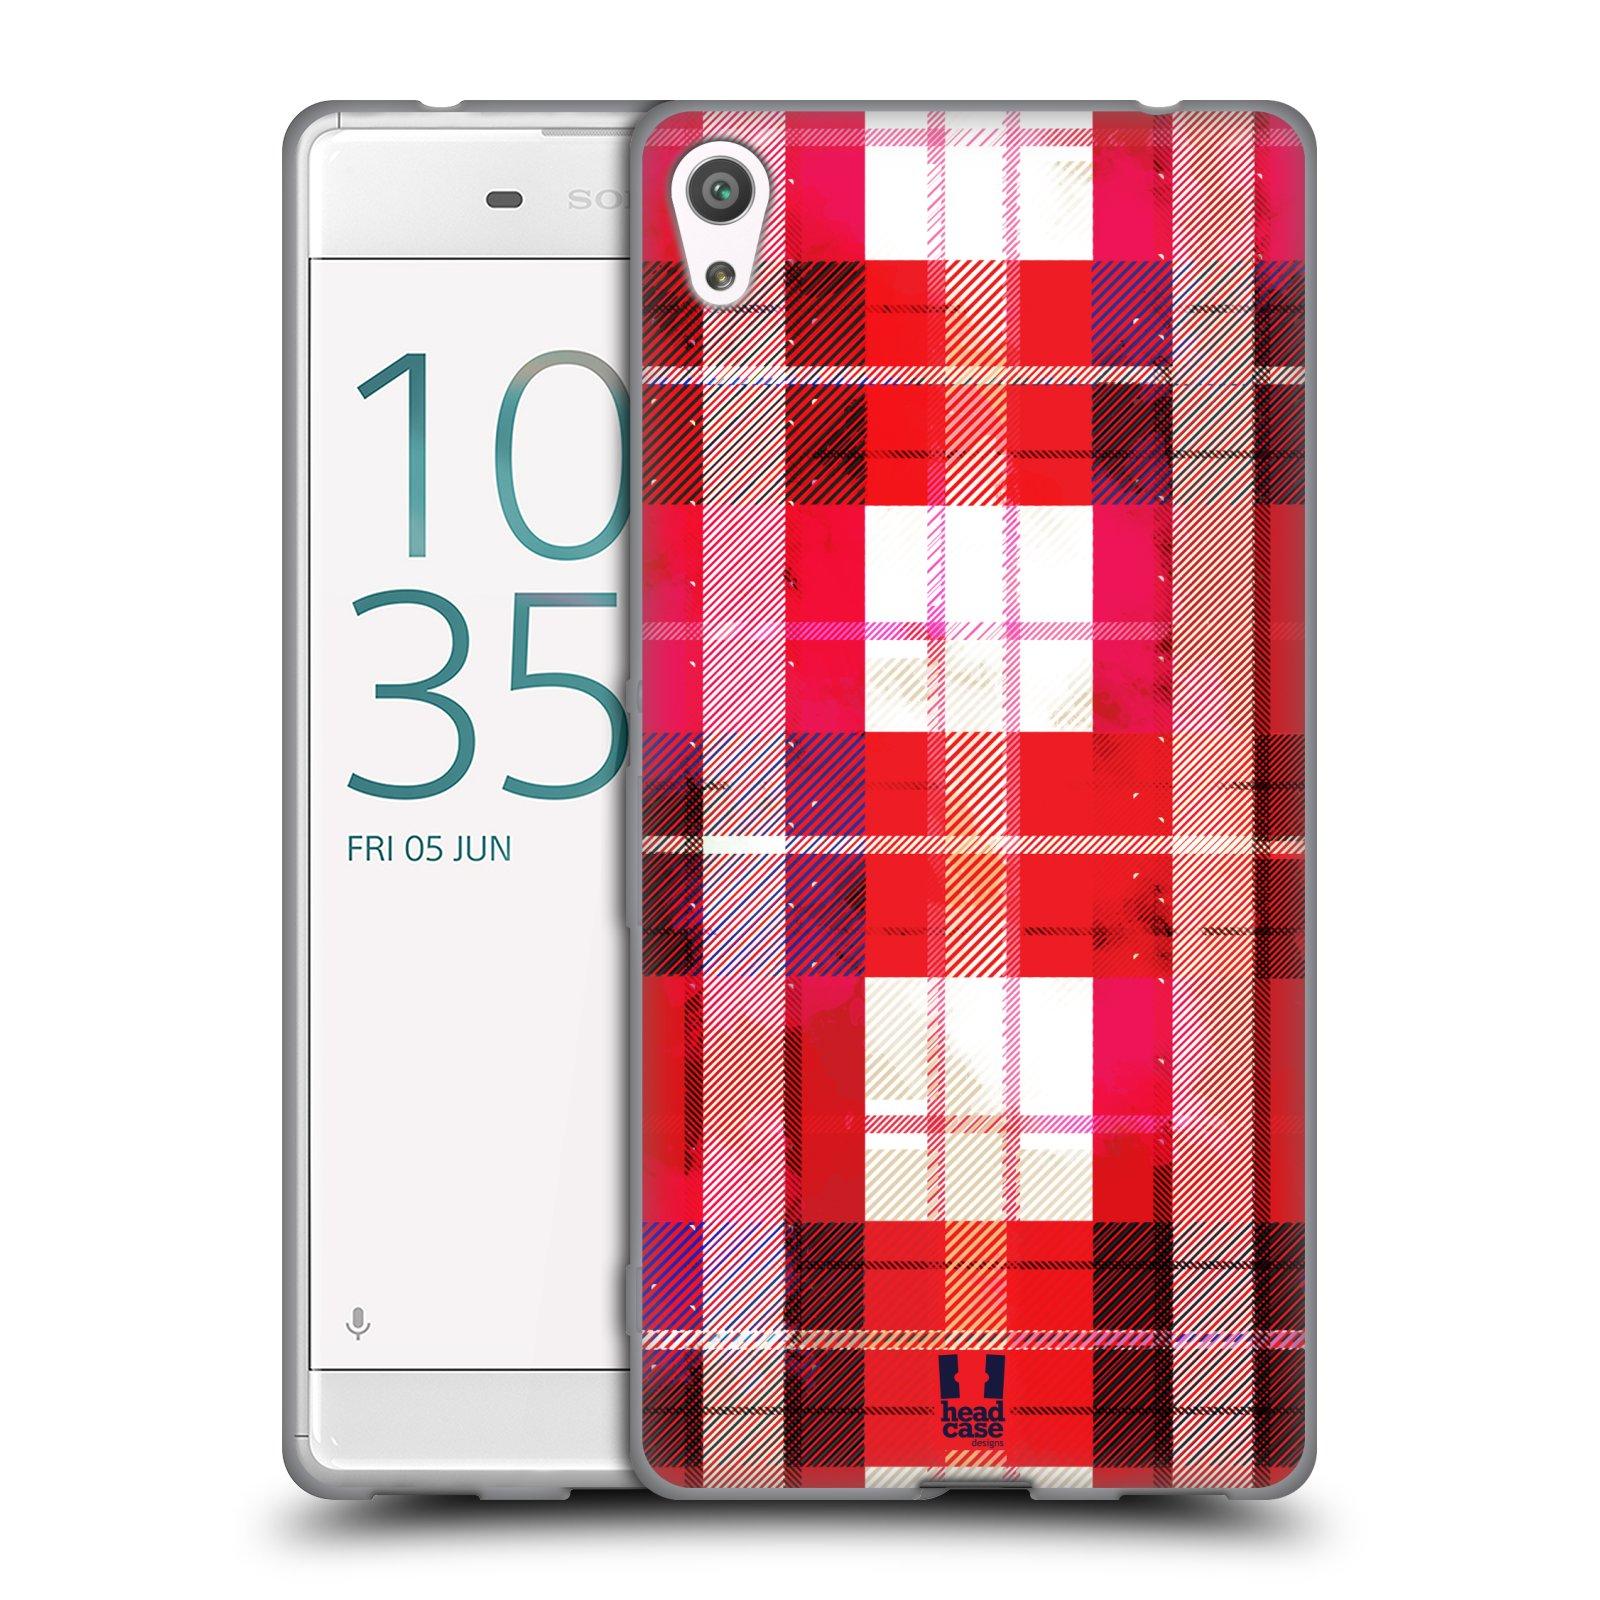 Silikonové pouzdro na mobil Sony Xperia XA Ultra HEAD CASE FLANEL RED